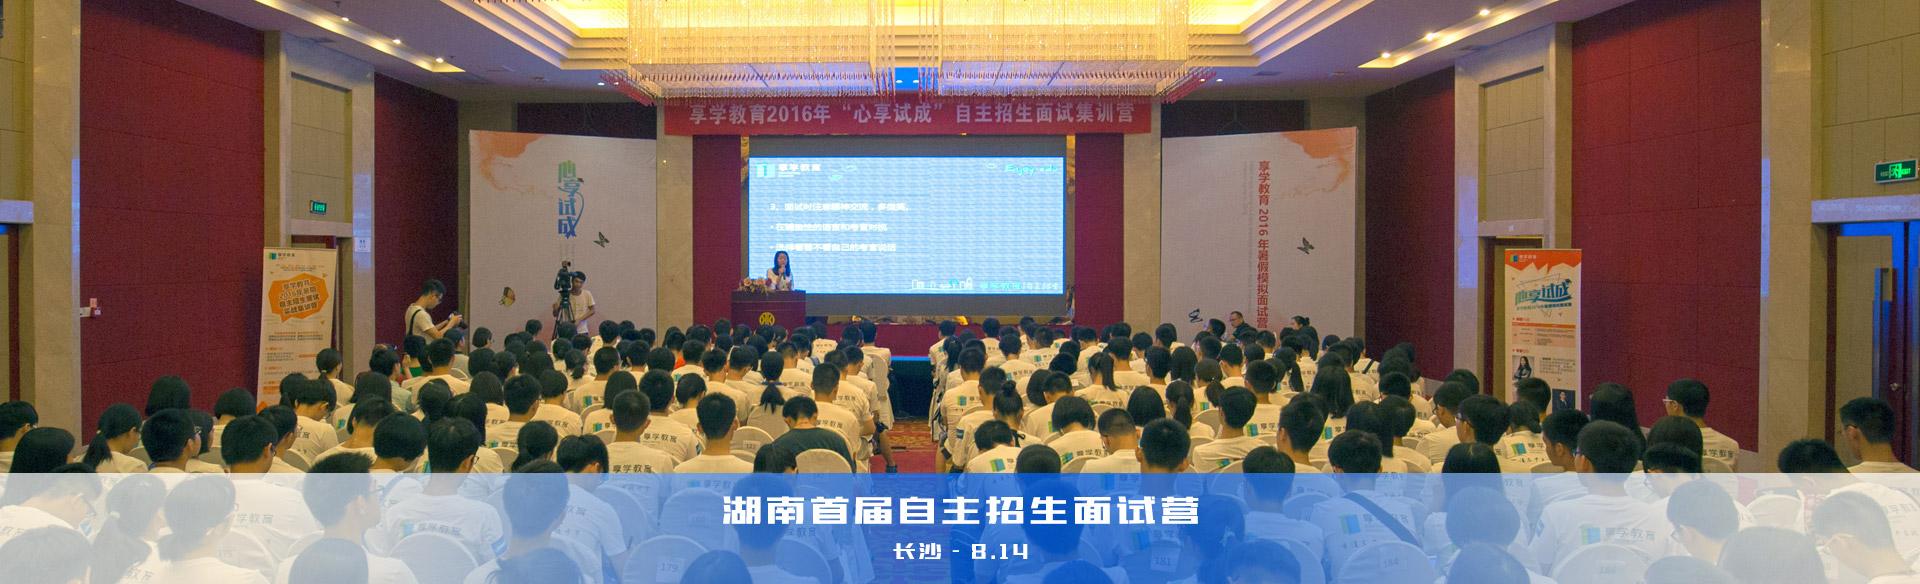 湖南首届自主招生面营在长沙举办